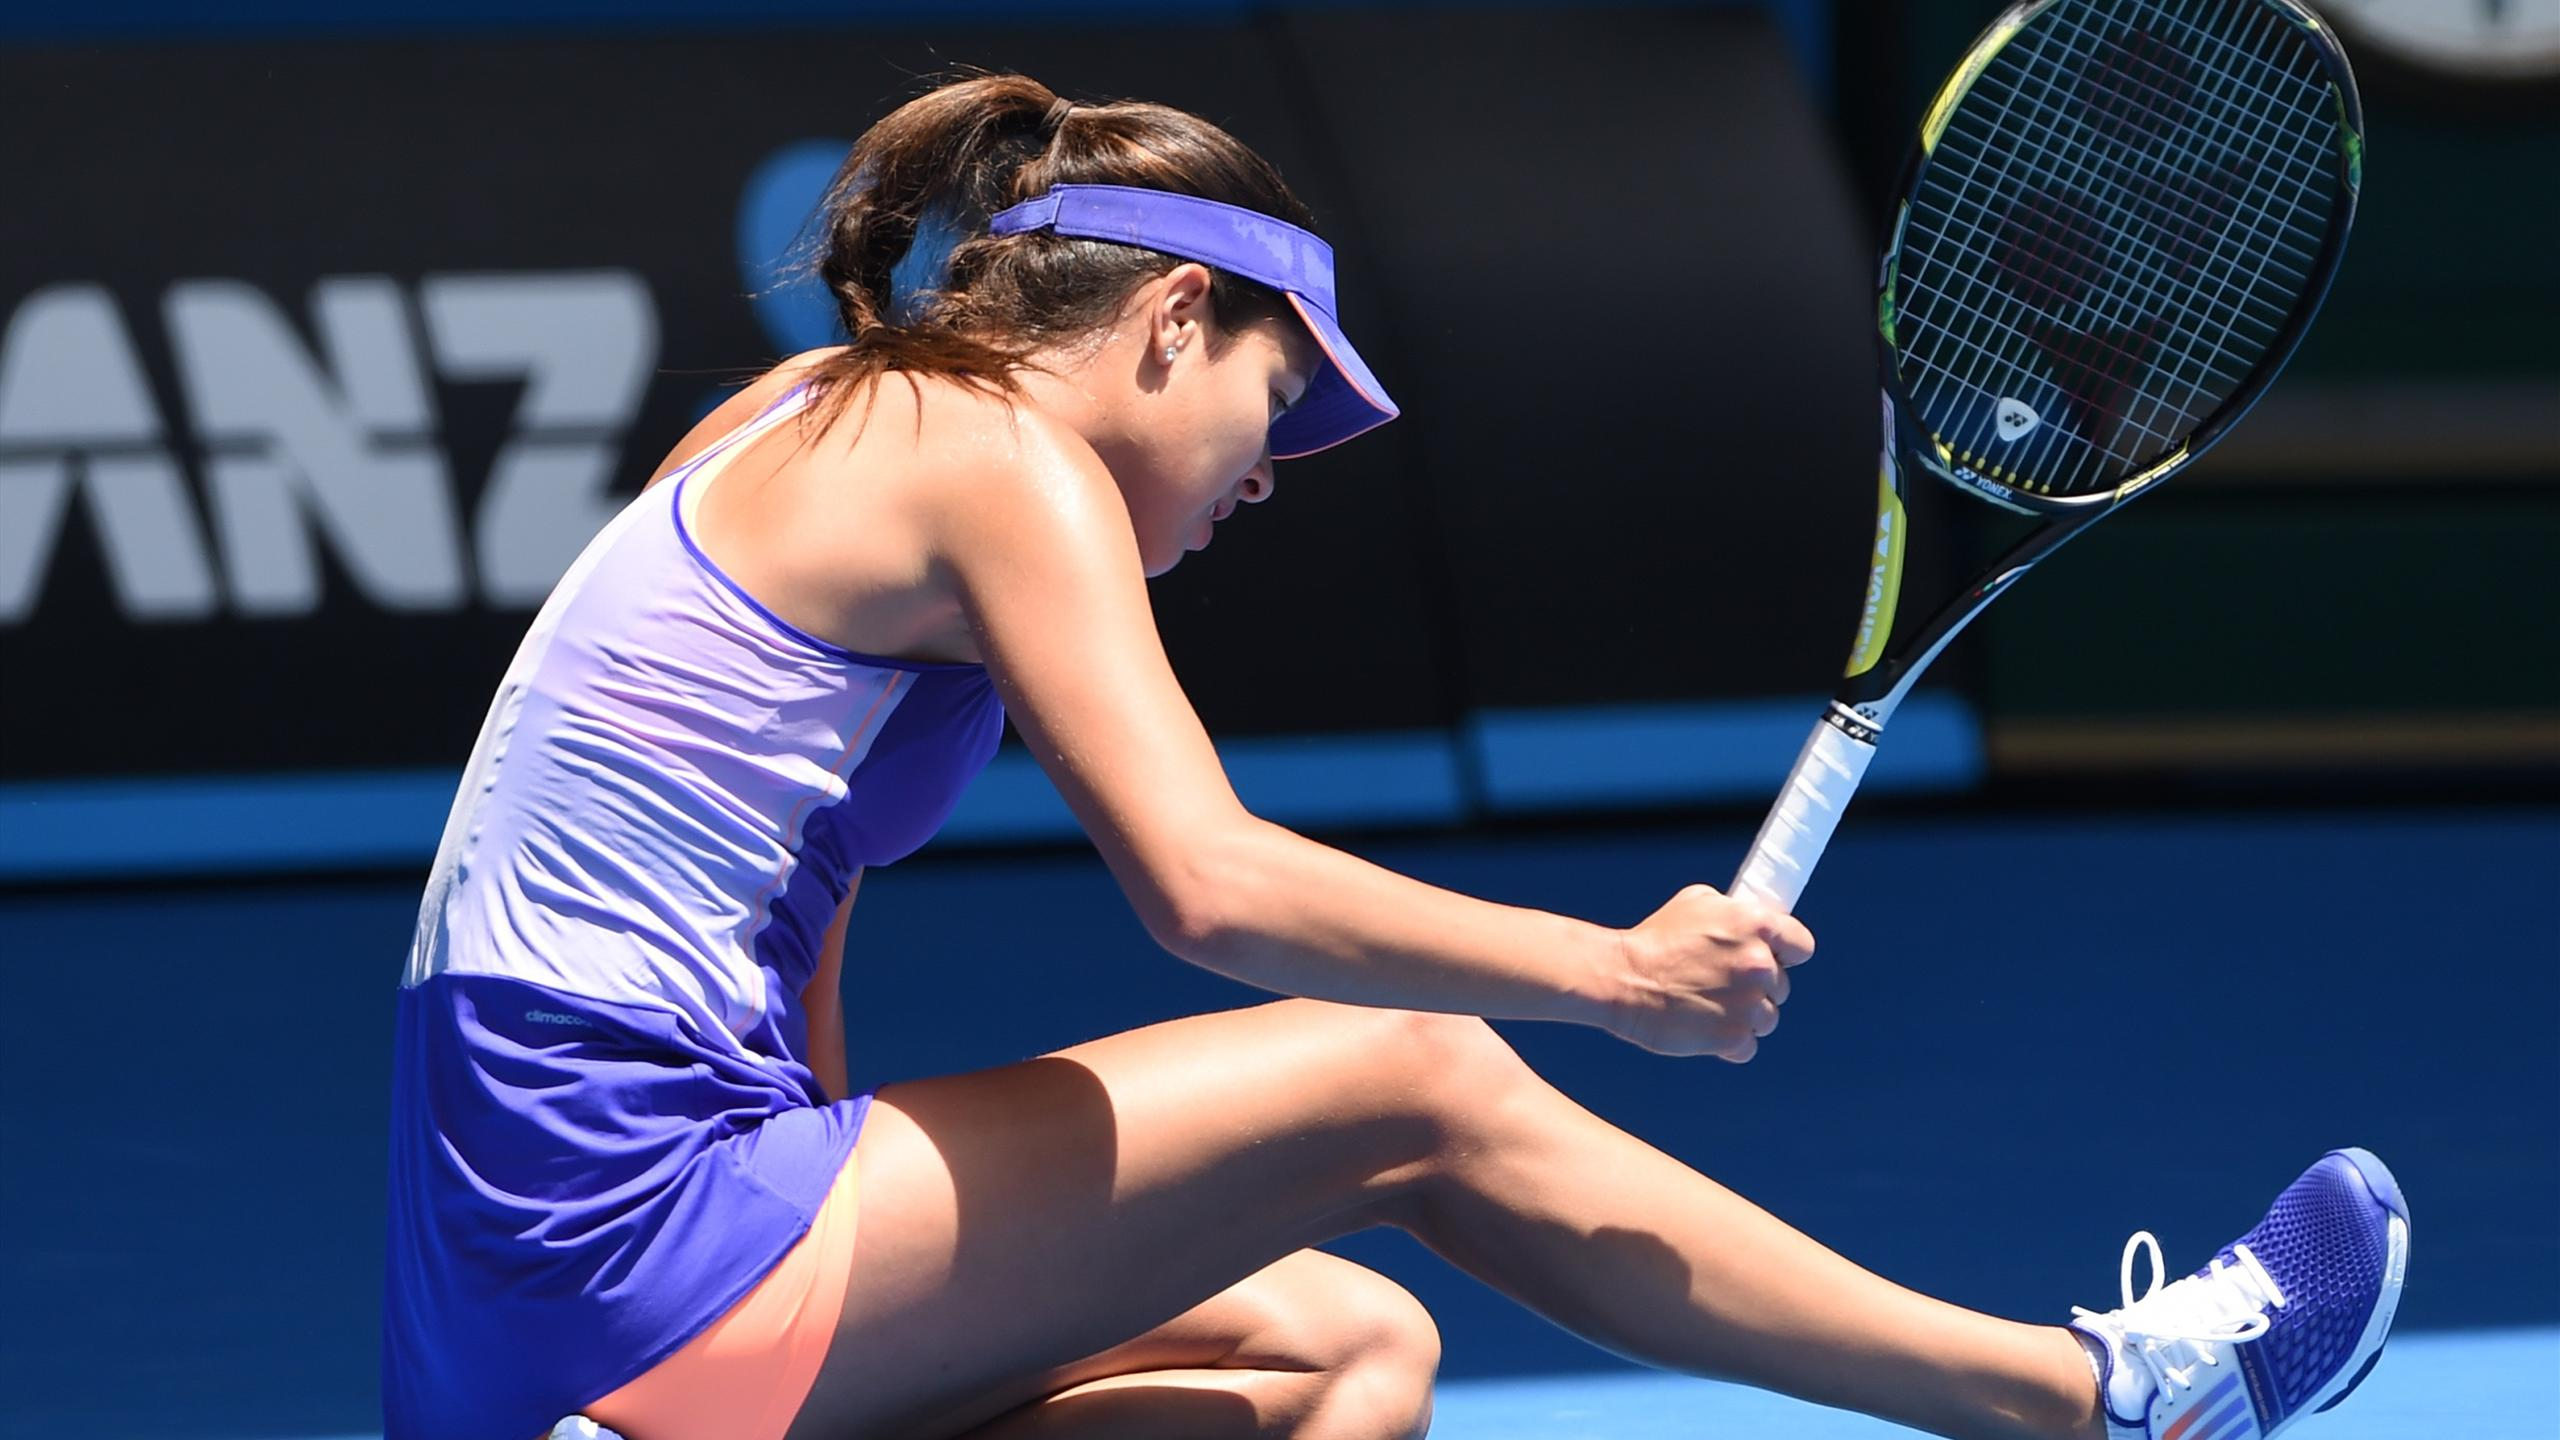 Секс после игра теннис 7 фотография